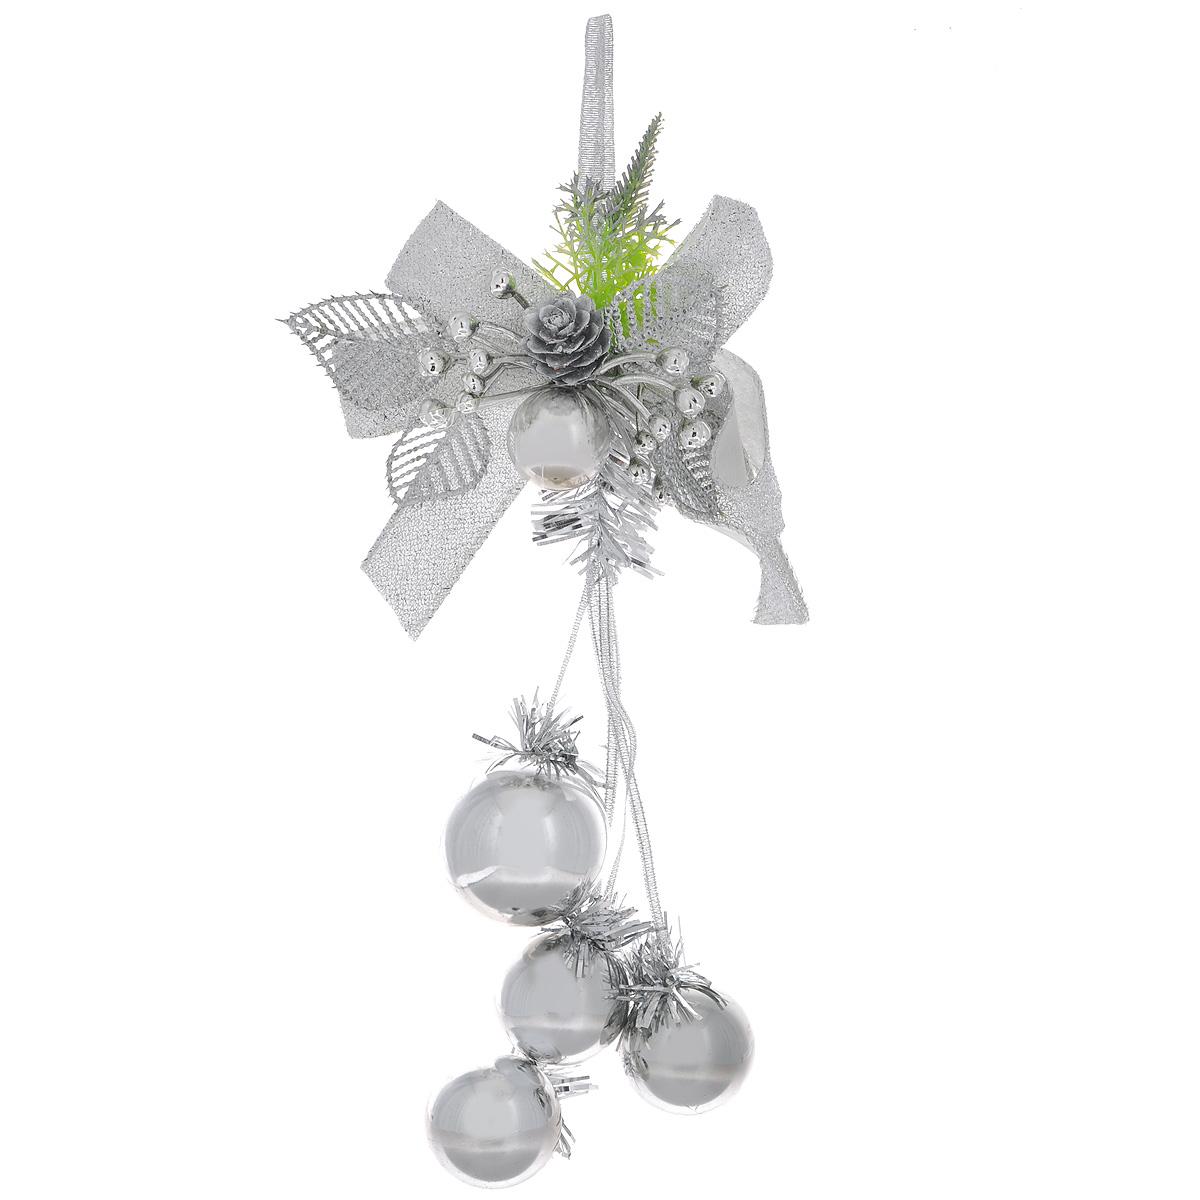 Новогоднее подвесное украшение Шарики, цвет: серебристый. 3442534425Оригинальное новогоднее украшение из пластика прекрасно подойдет для праздничного декора дома и новогодней ели. Изделие крепится на елку с помощью металлического зажима.